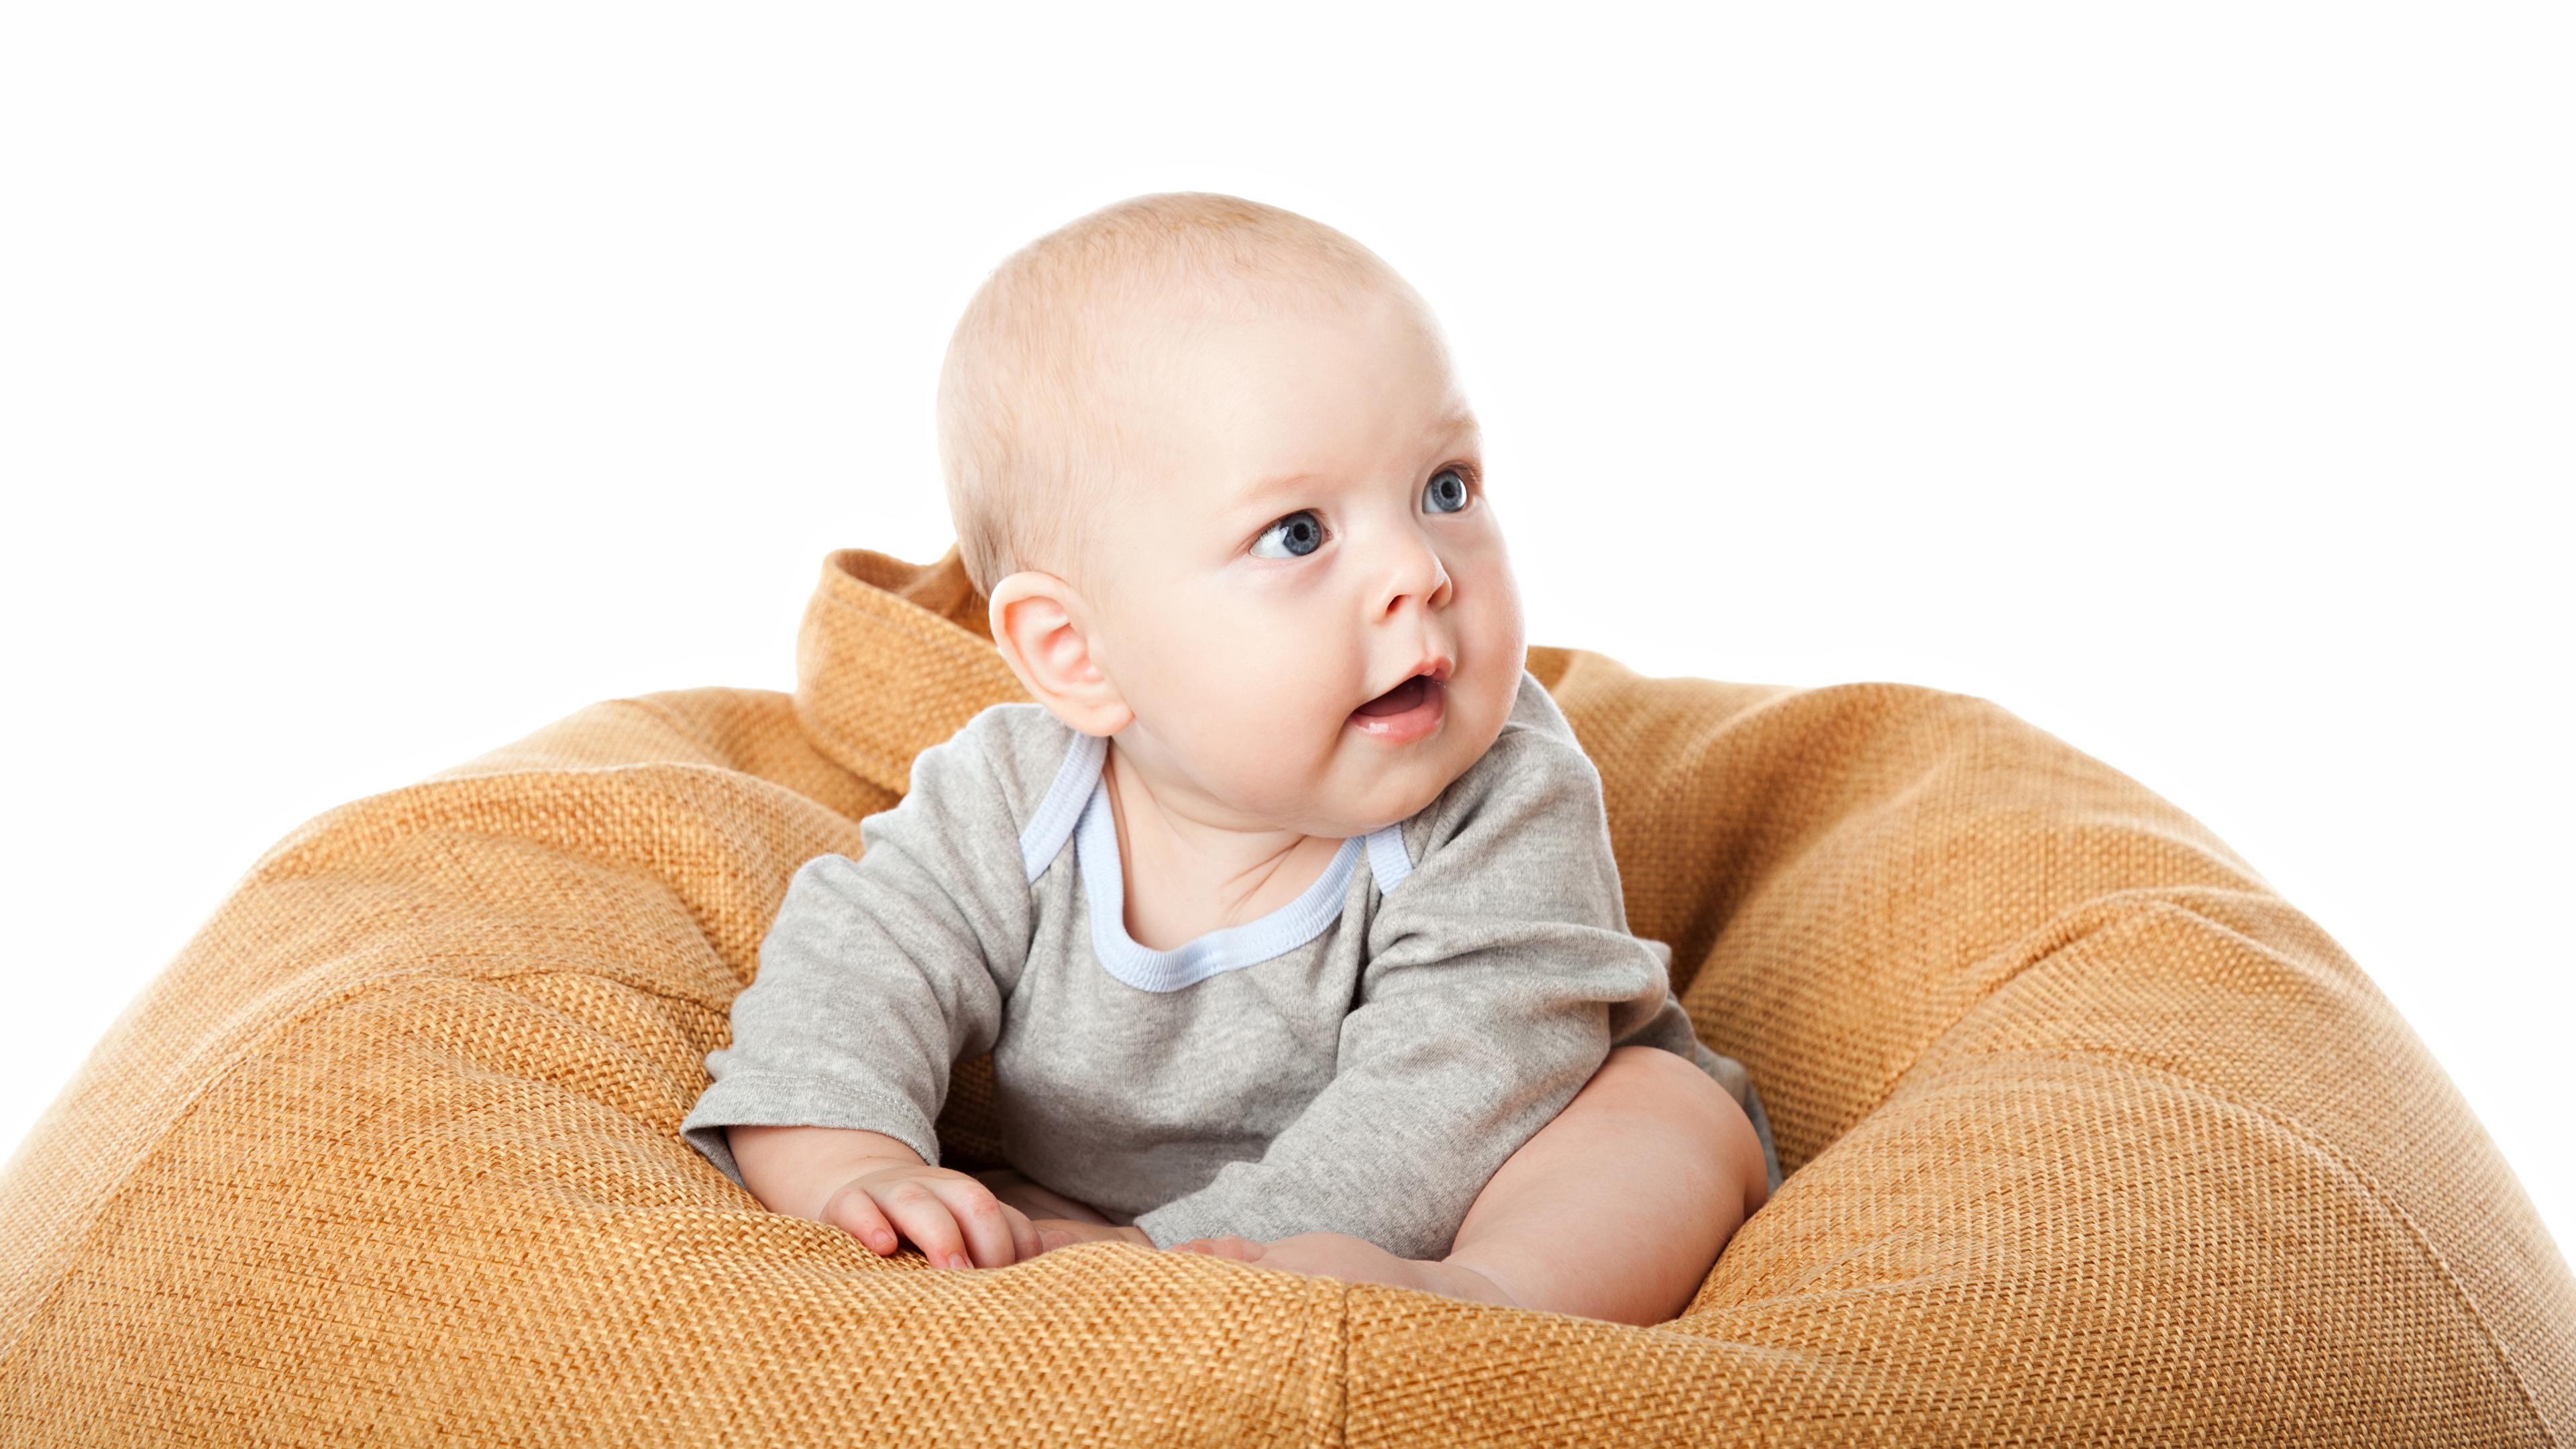 Фото Младенцы Дети смотрит белым фоном 3840x2160 младенца младенец грудной ребёнок ребёнок Взгляд смотрят Белый фон белом фоне